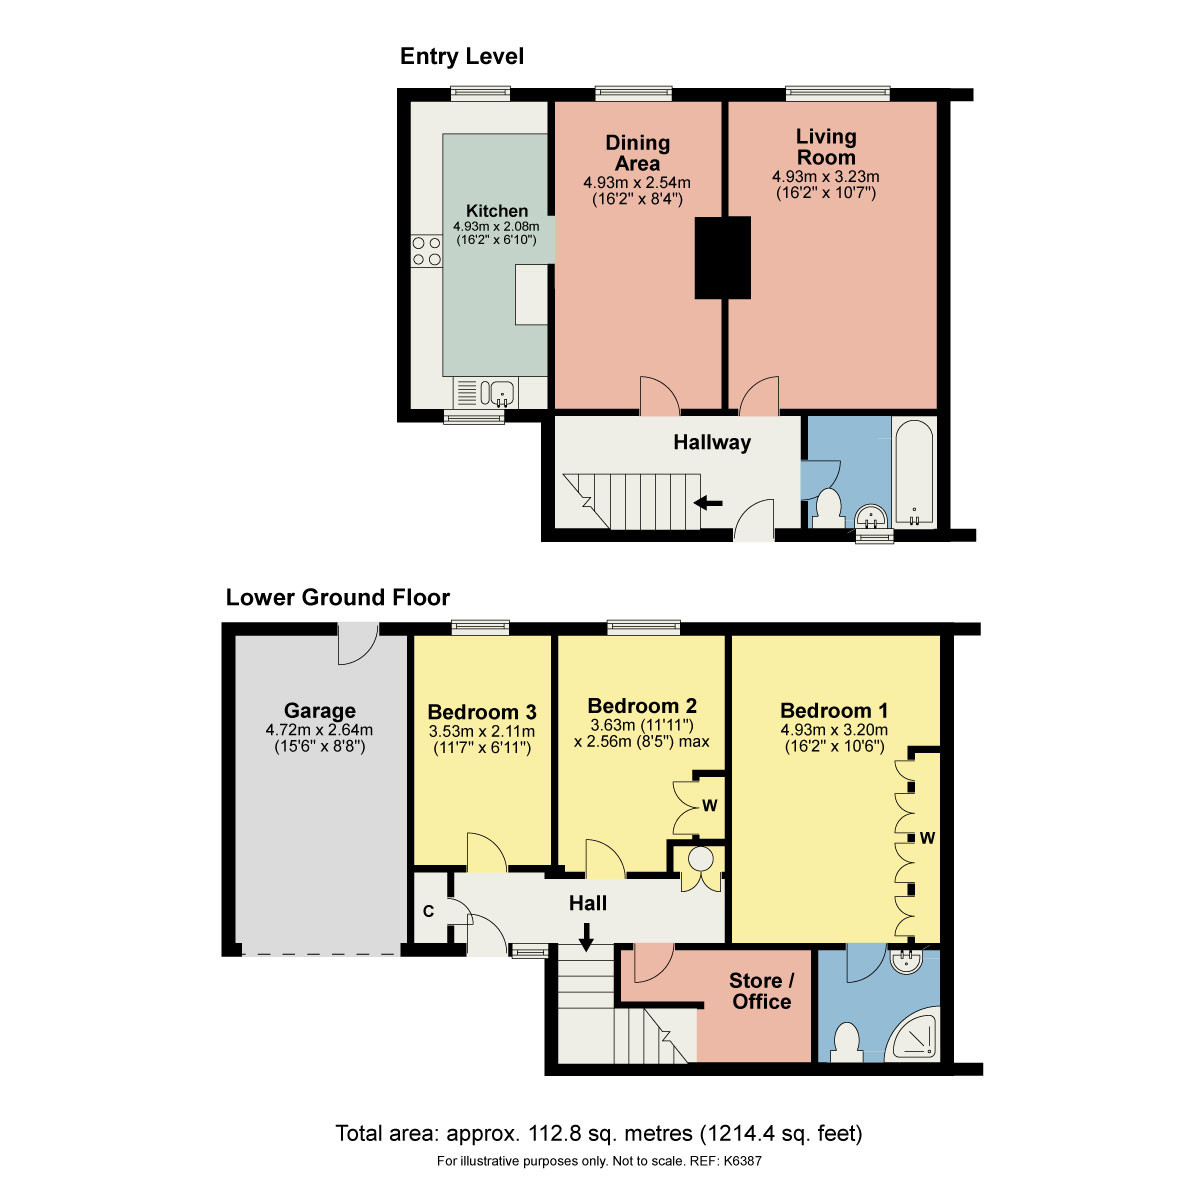 Floorplan 15 Greenways Drive, Endmoor, Kendal, Cumbria LA8 0EL